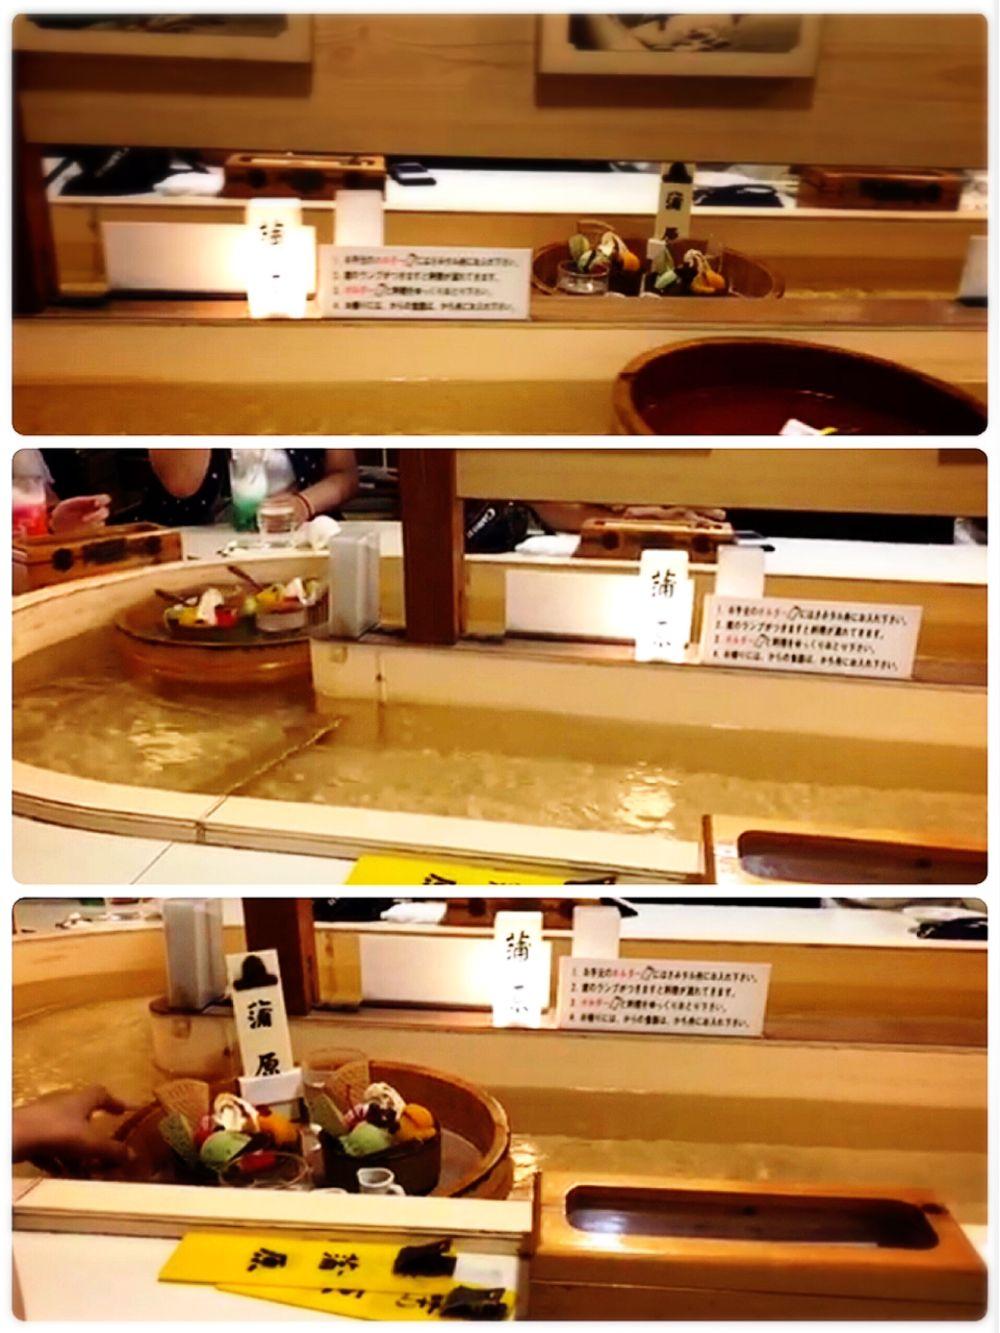 おすすめの喫茶店・カフェ特集 - 東京のレトロな喫茶店4選など、全国のフォトジェニックなカフェまとめ_23